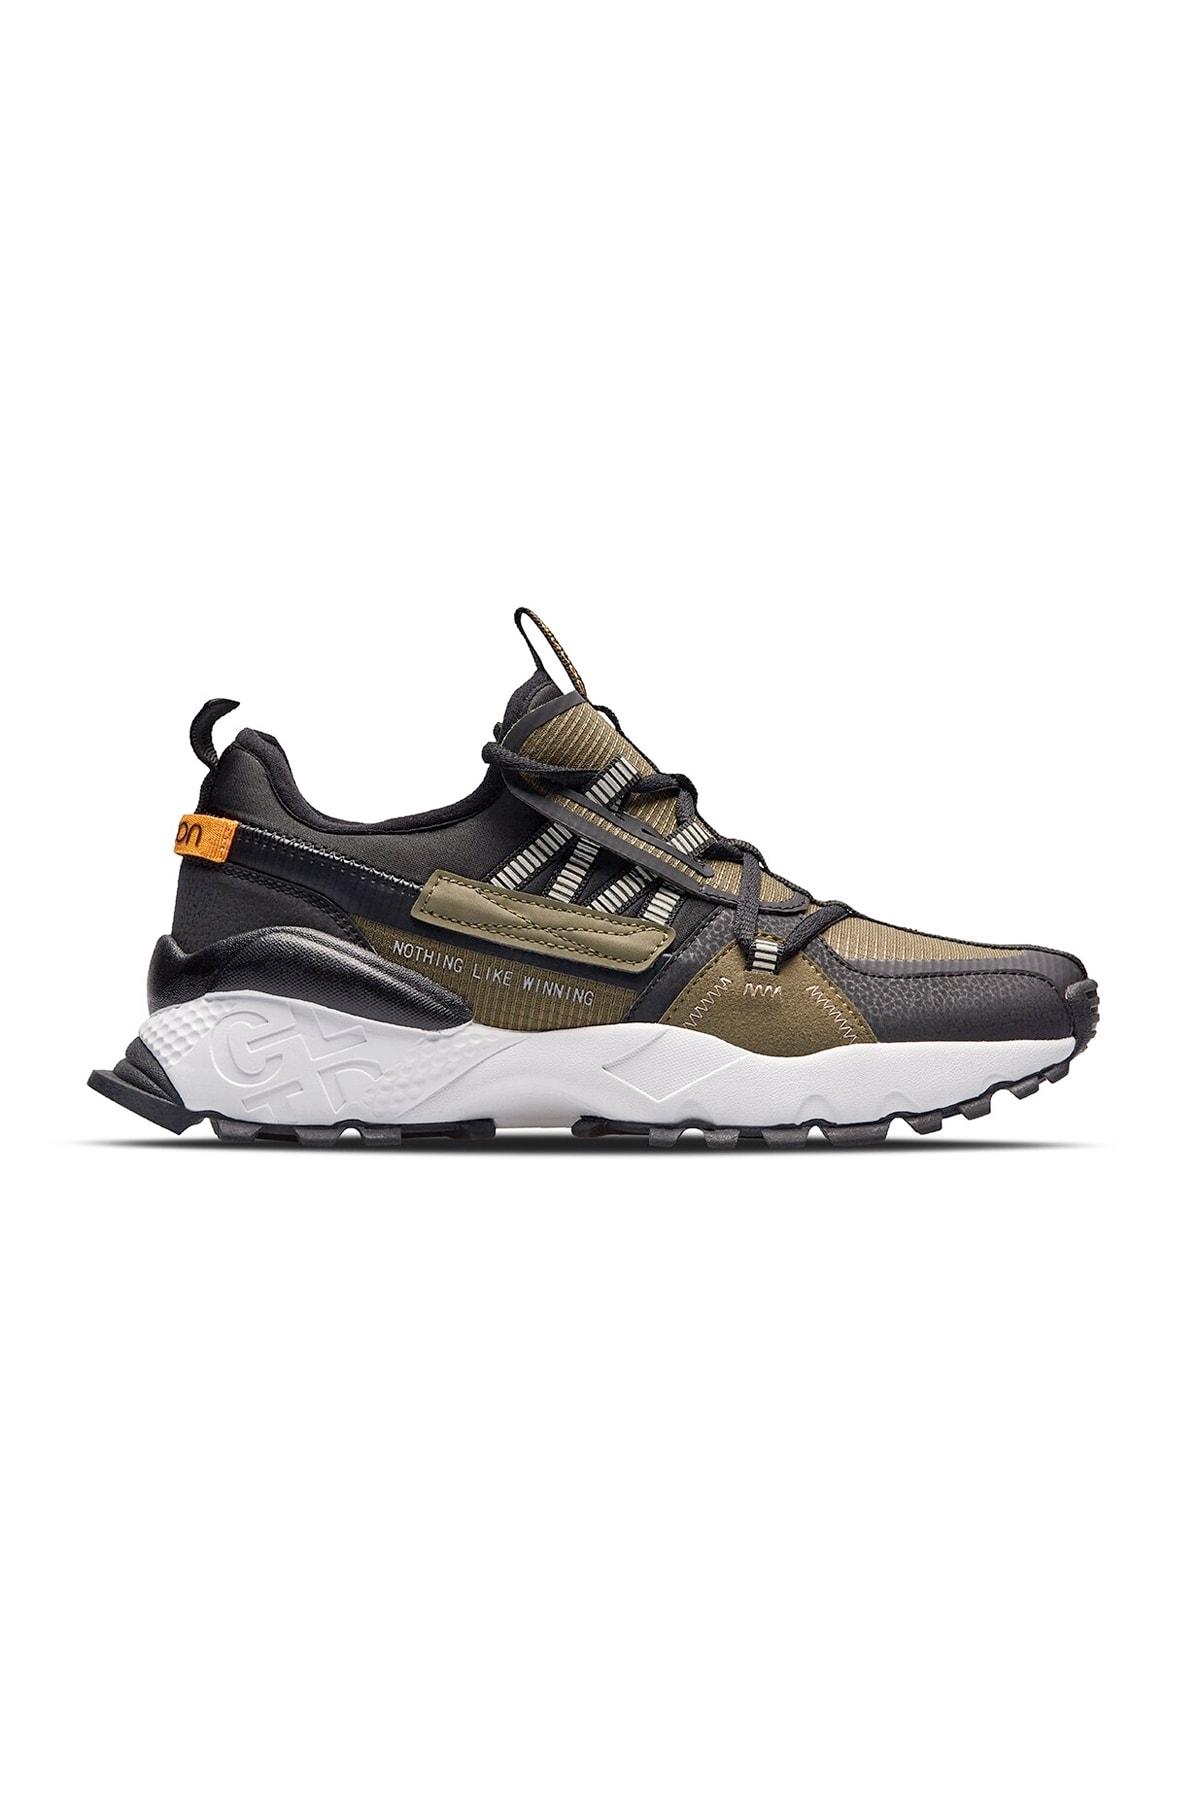 Lescon Ly-traıl Hııllcross Günlük Unısex Spor Ayakkabı/siyah/40 2